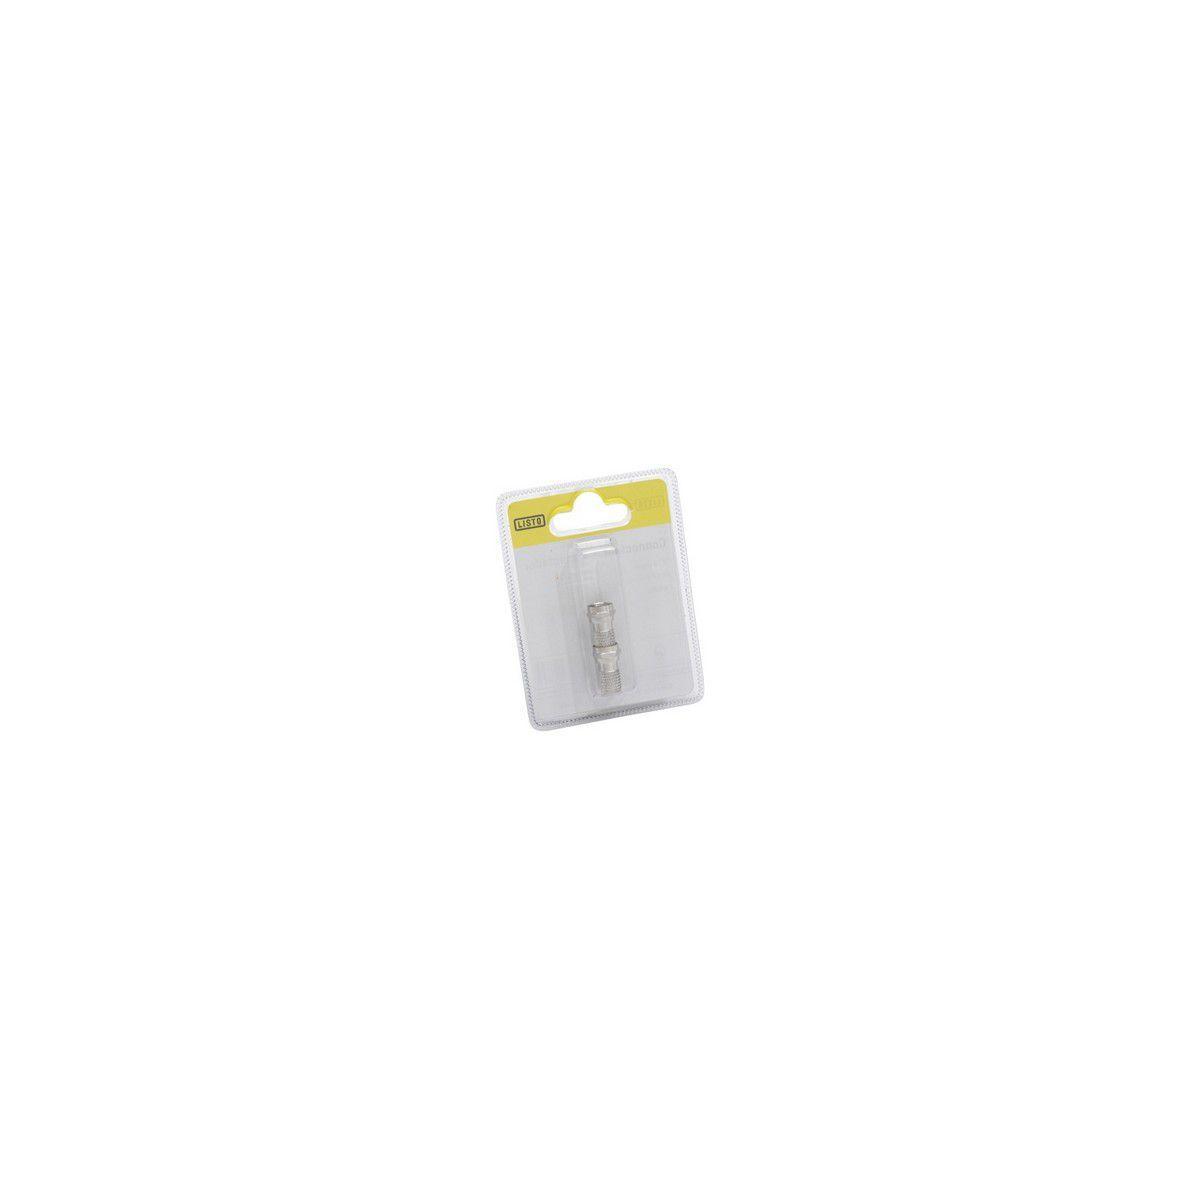 Connecteur sc f avec joint- 2mâles - produit coup de coeur webdistrib.com ! (photo)